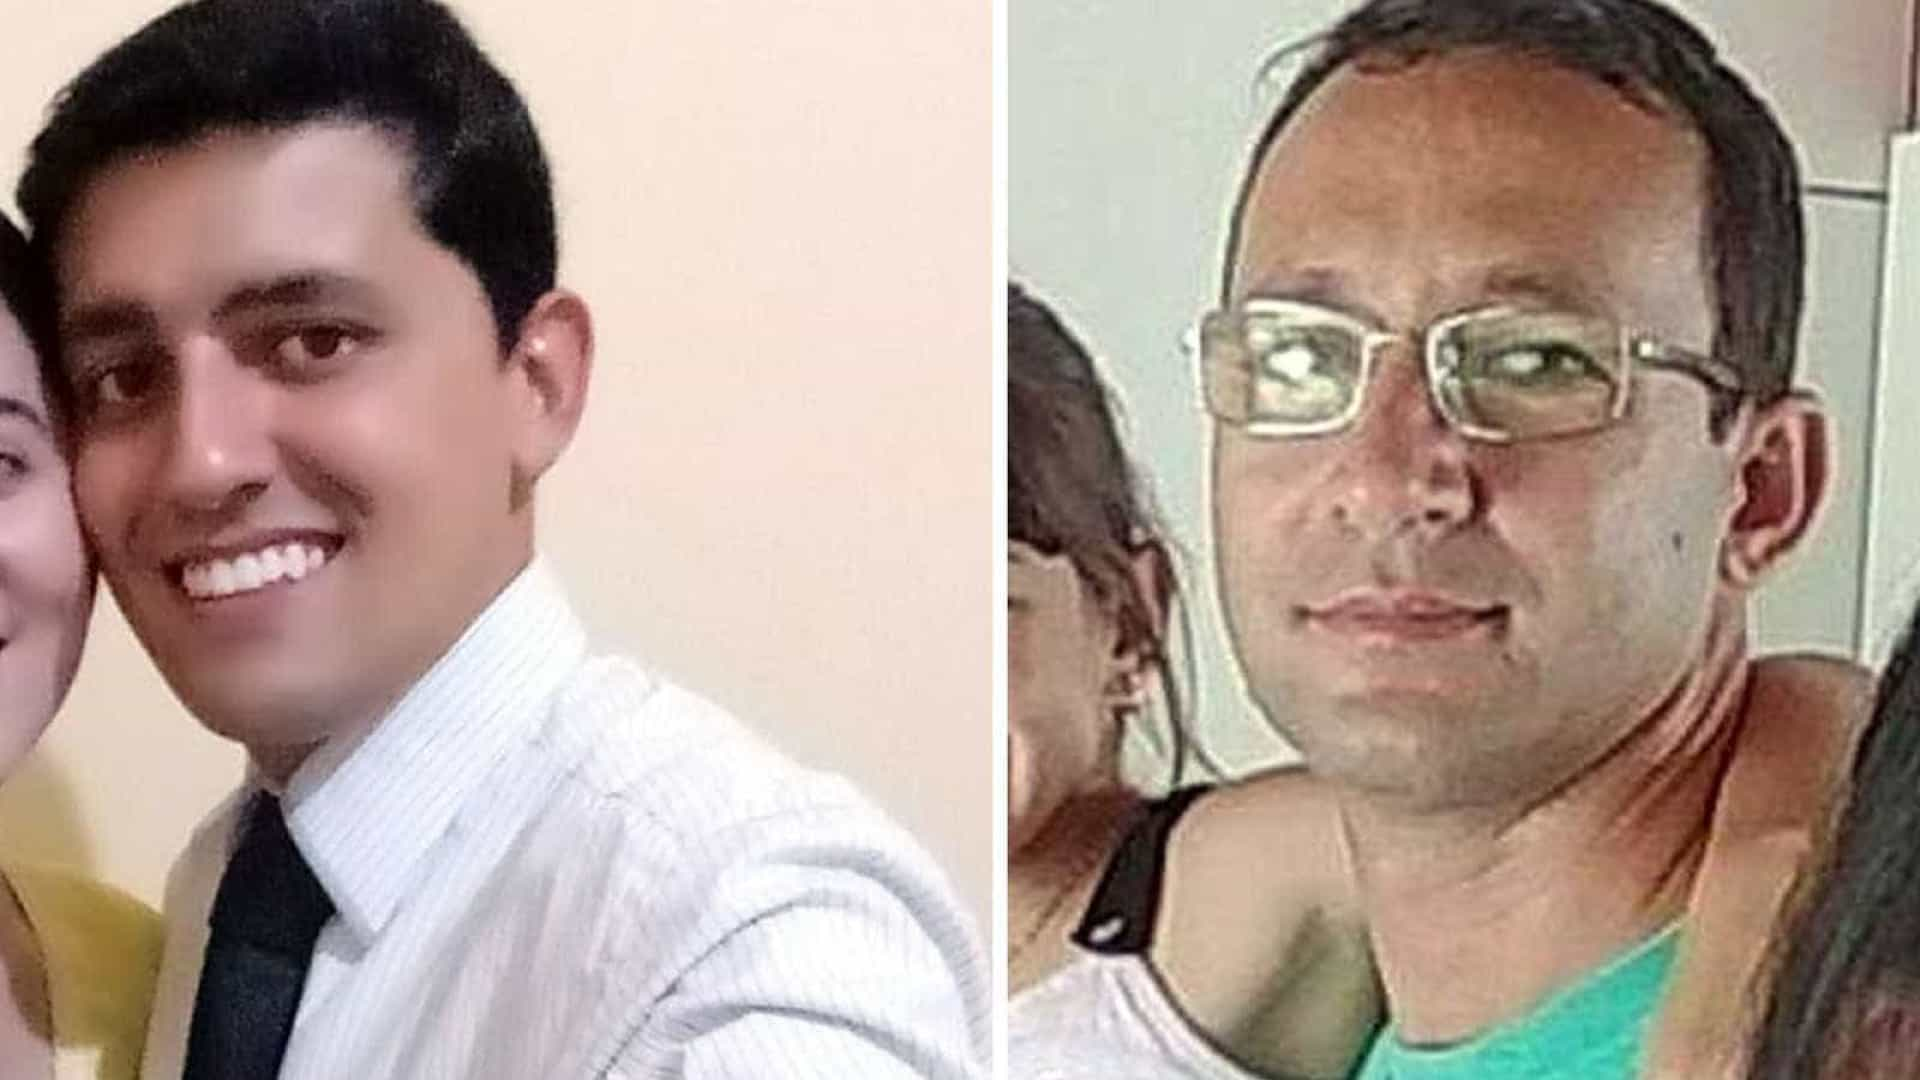 Pilotos resgatados após 4 dias de queda de avião passam por cirurgias